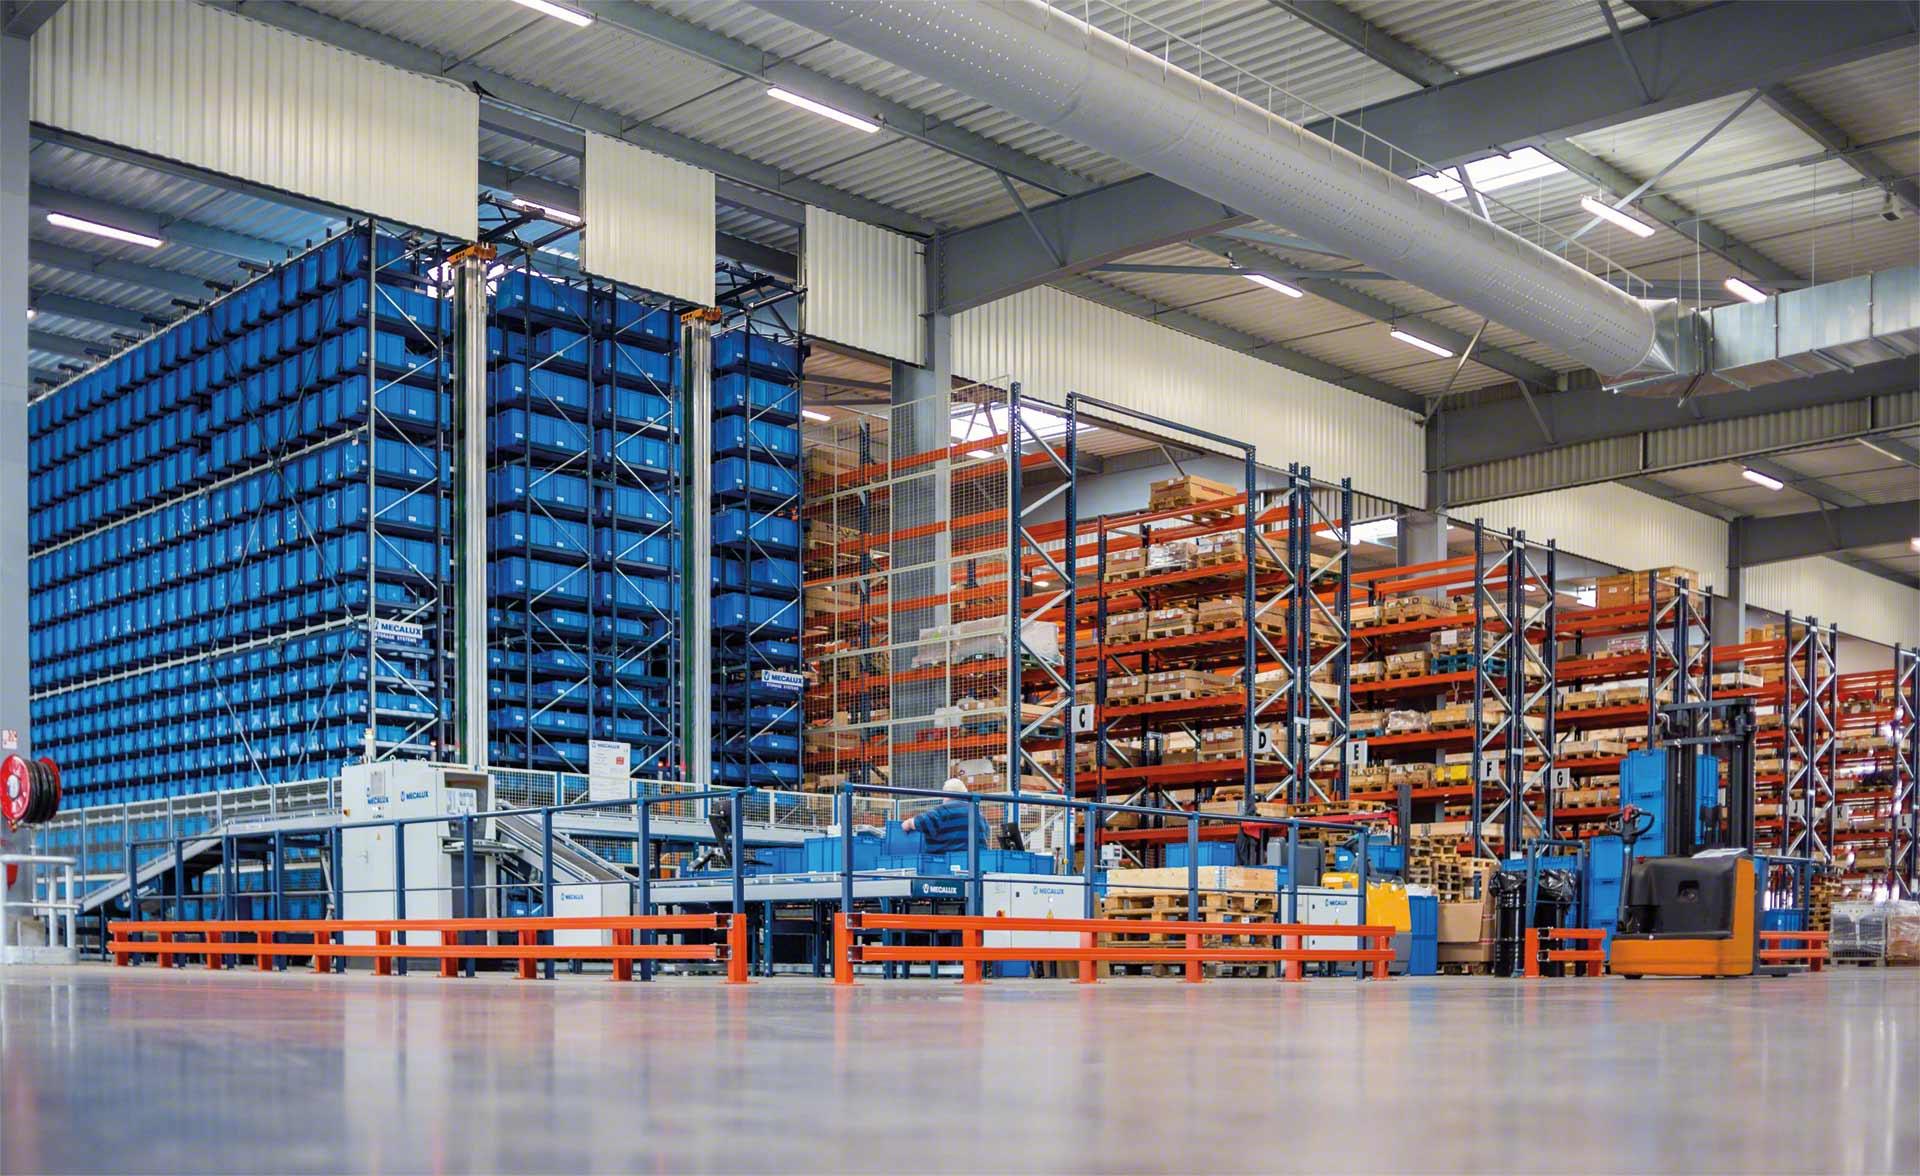 Las estanterías son el sistema de almacenamiento más eficaz para gestionar la mercancía